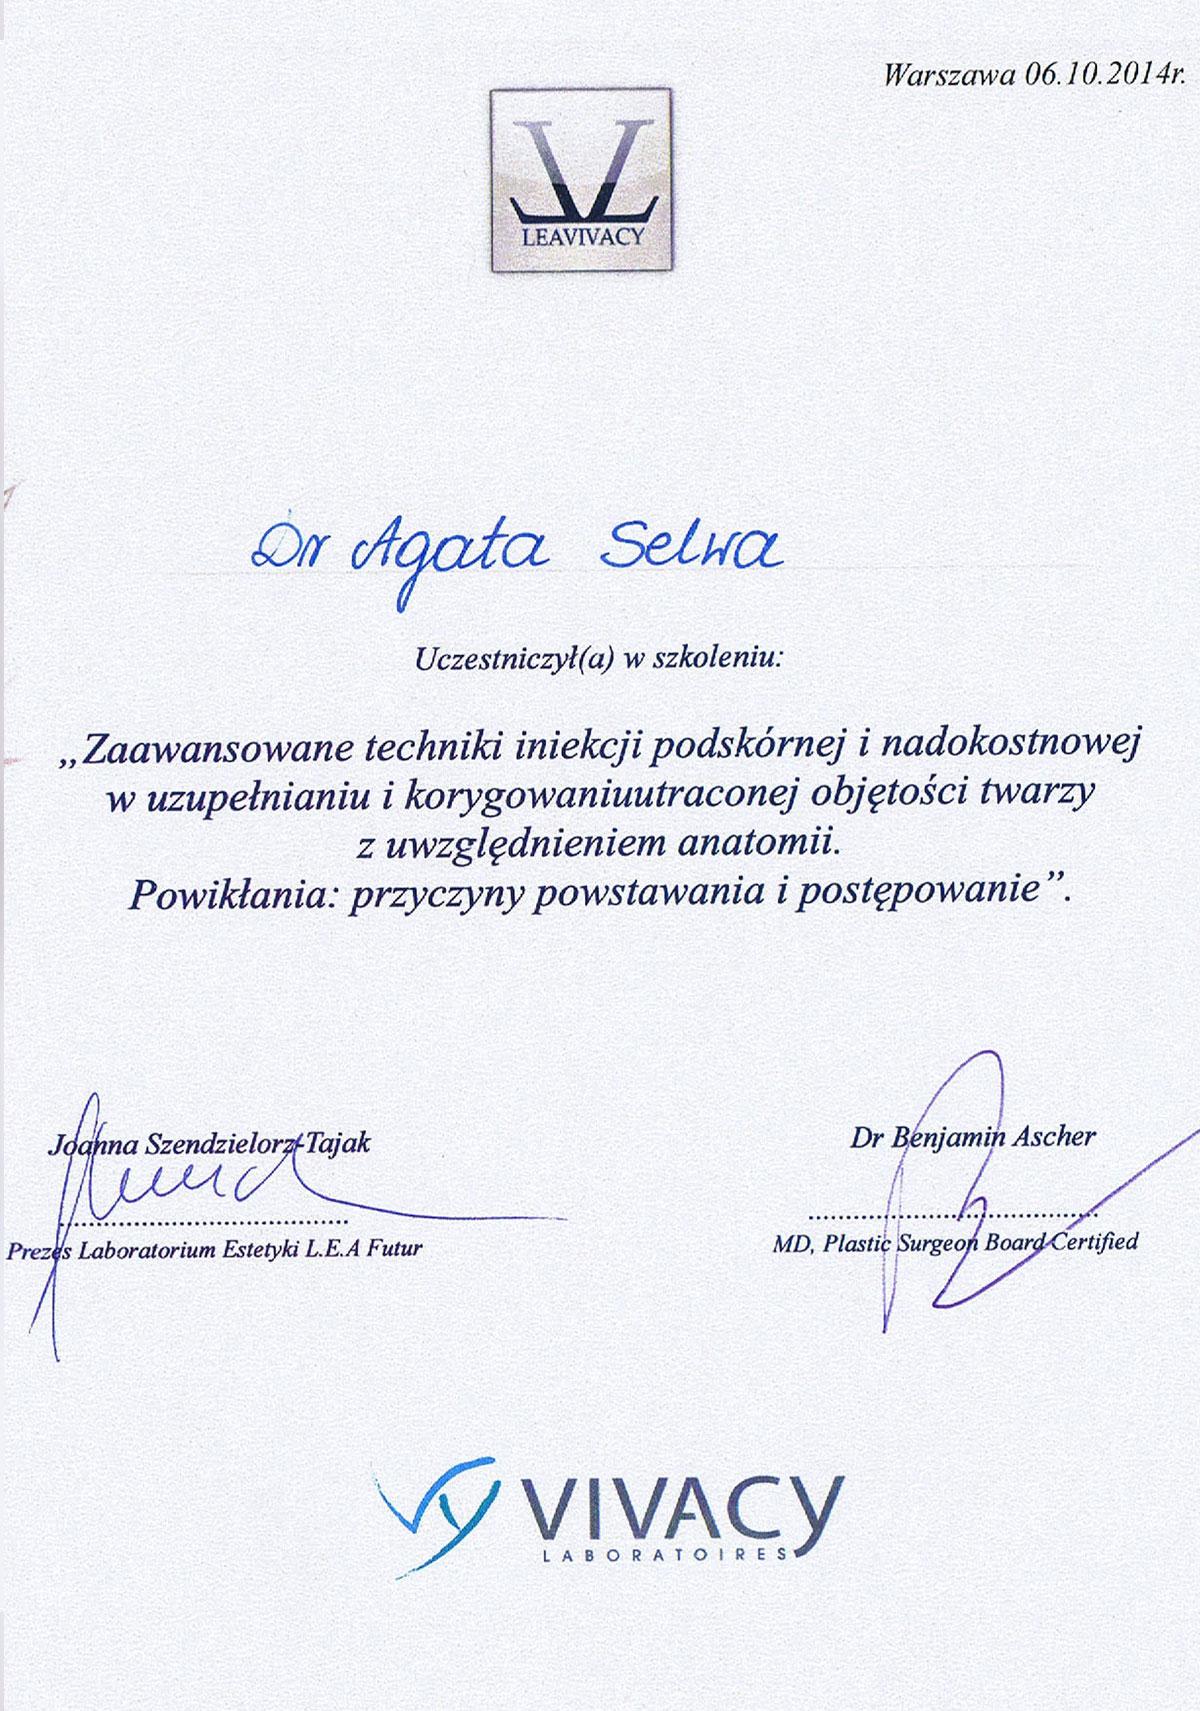 certyfikat zabiegi medycyny estetycznej dr agata selwa